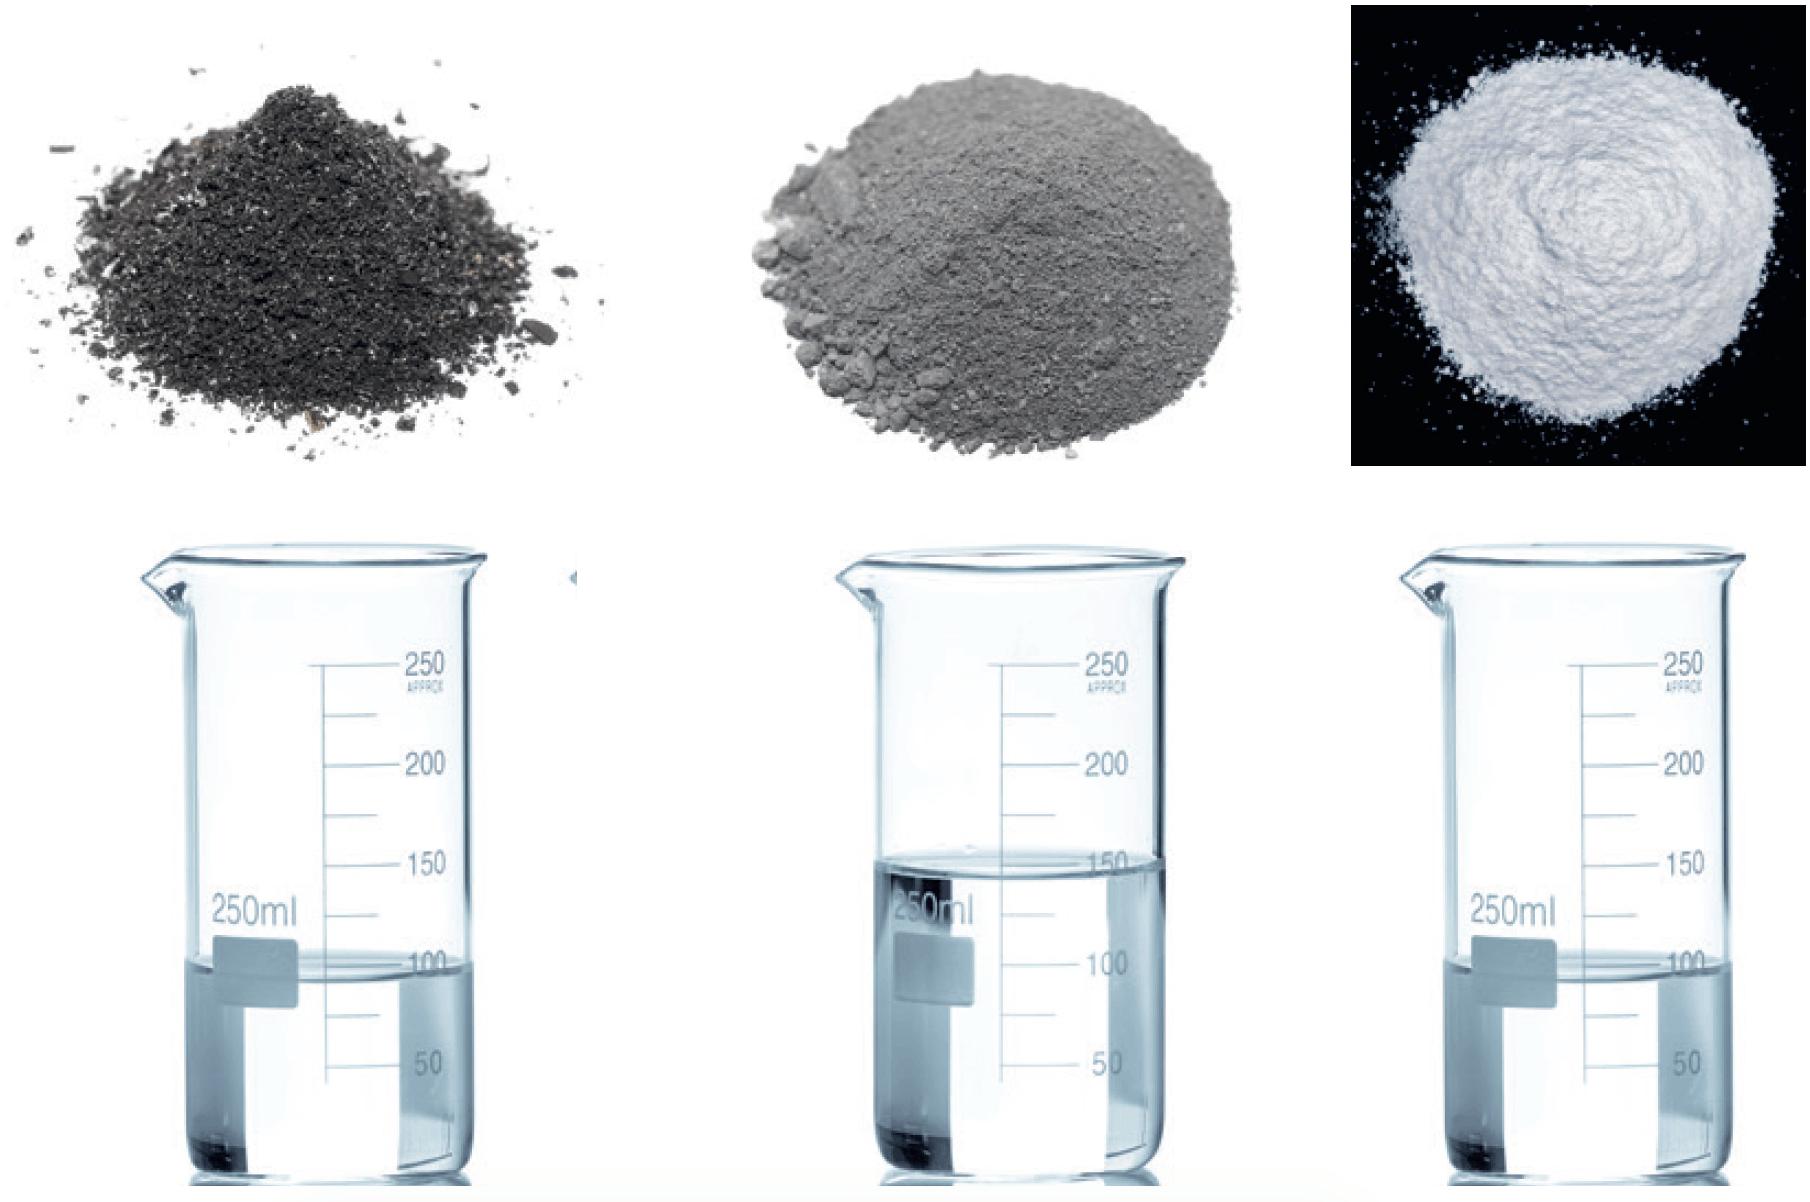 Échantillons solides (métaux) et flacons de liquide, sans étiquettes